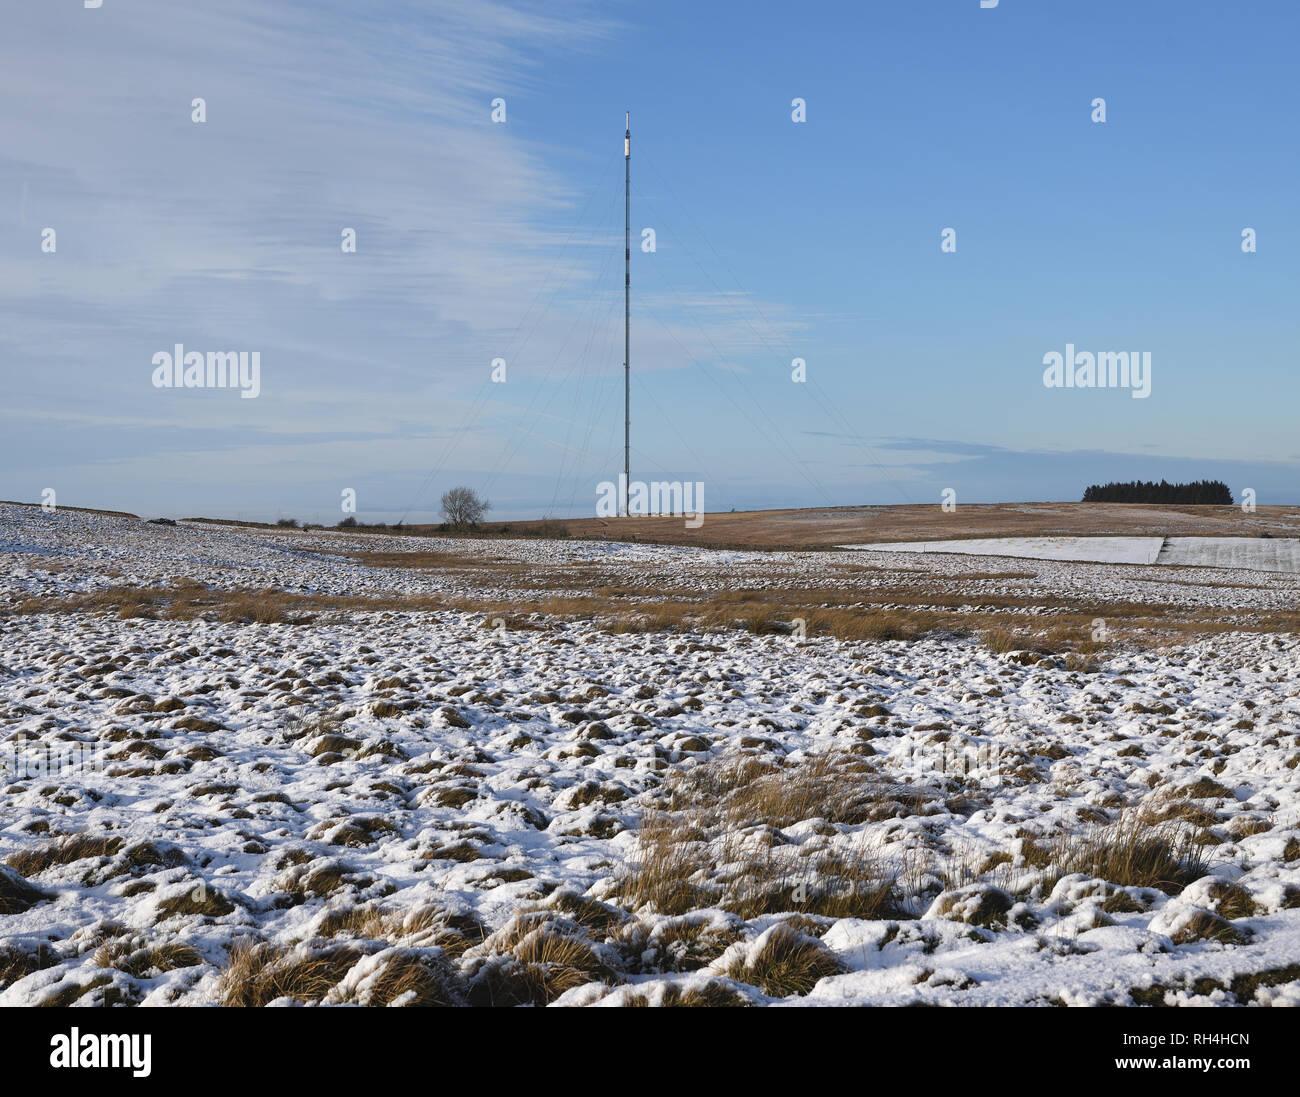 Caldbeck transmitting station, Cumbria, UK - Stock Image